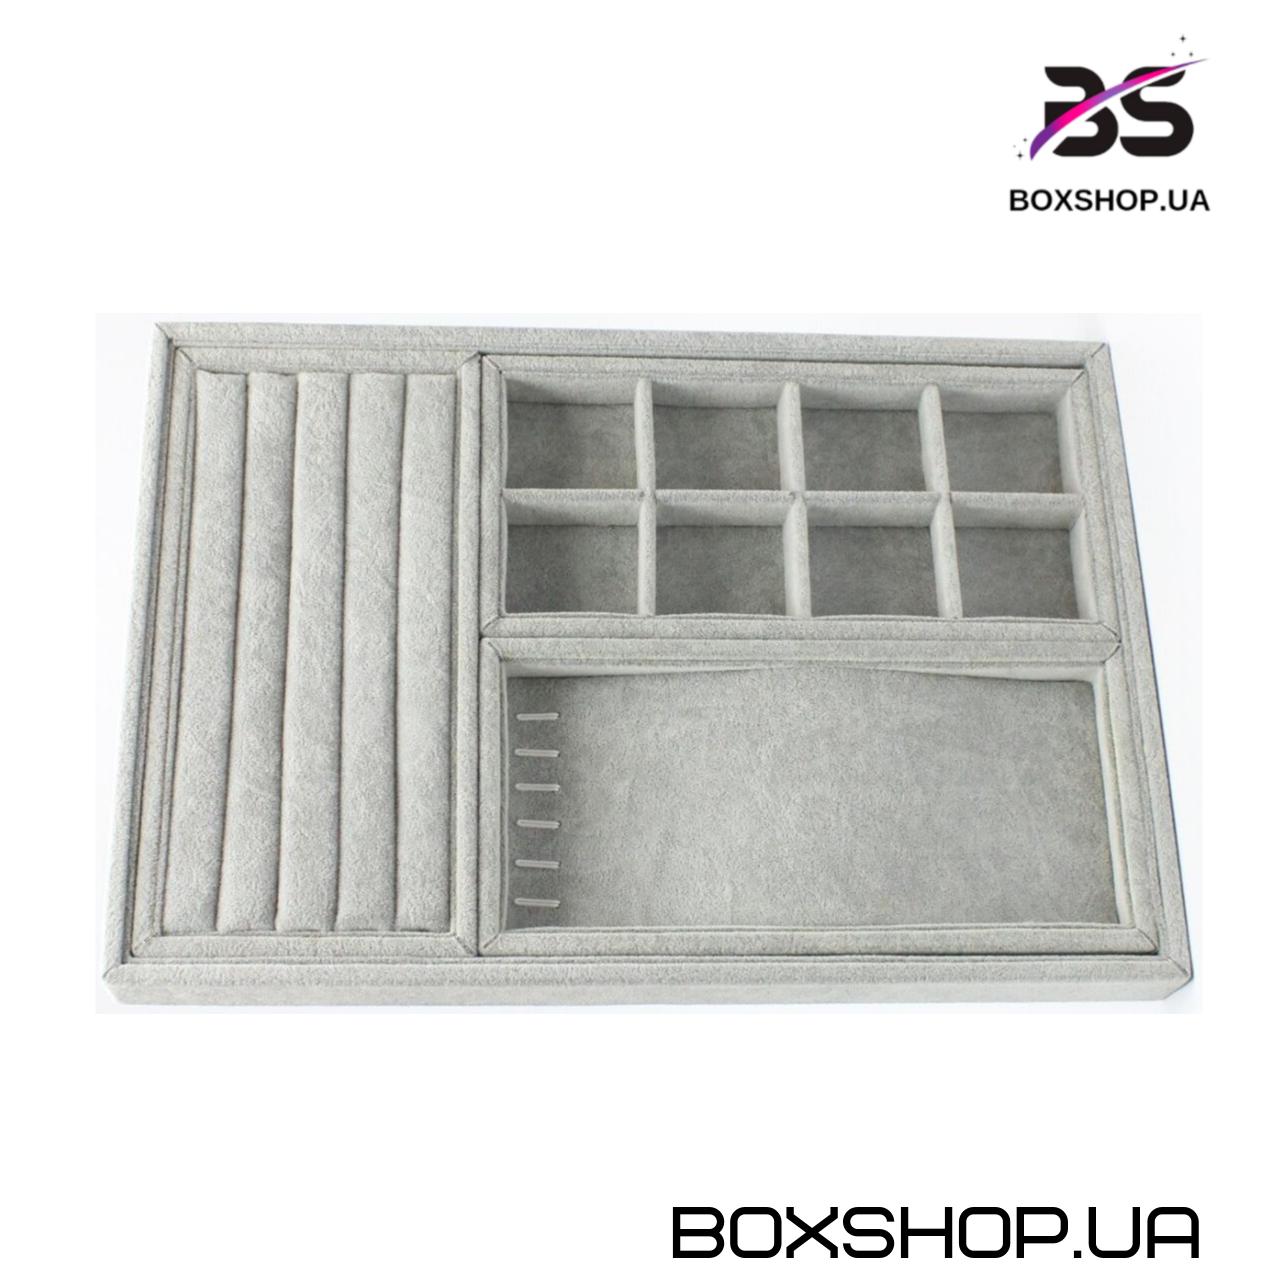 Ювелирный планшет BOXSHOP - 1022460453